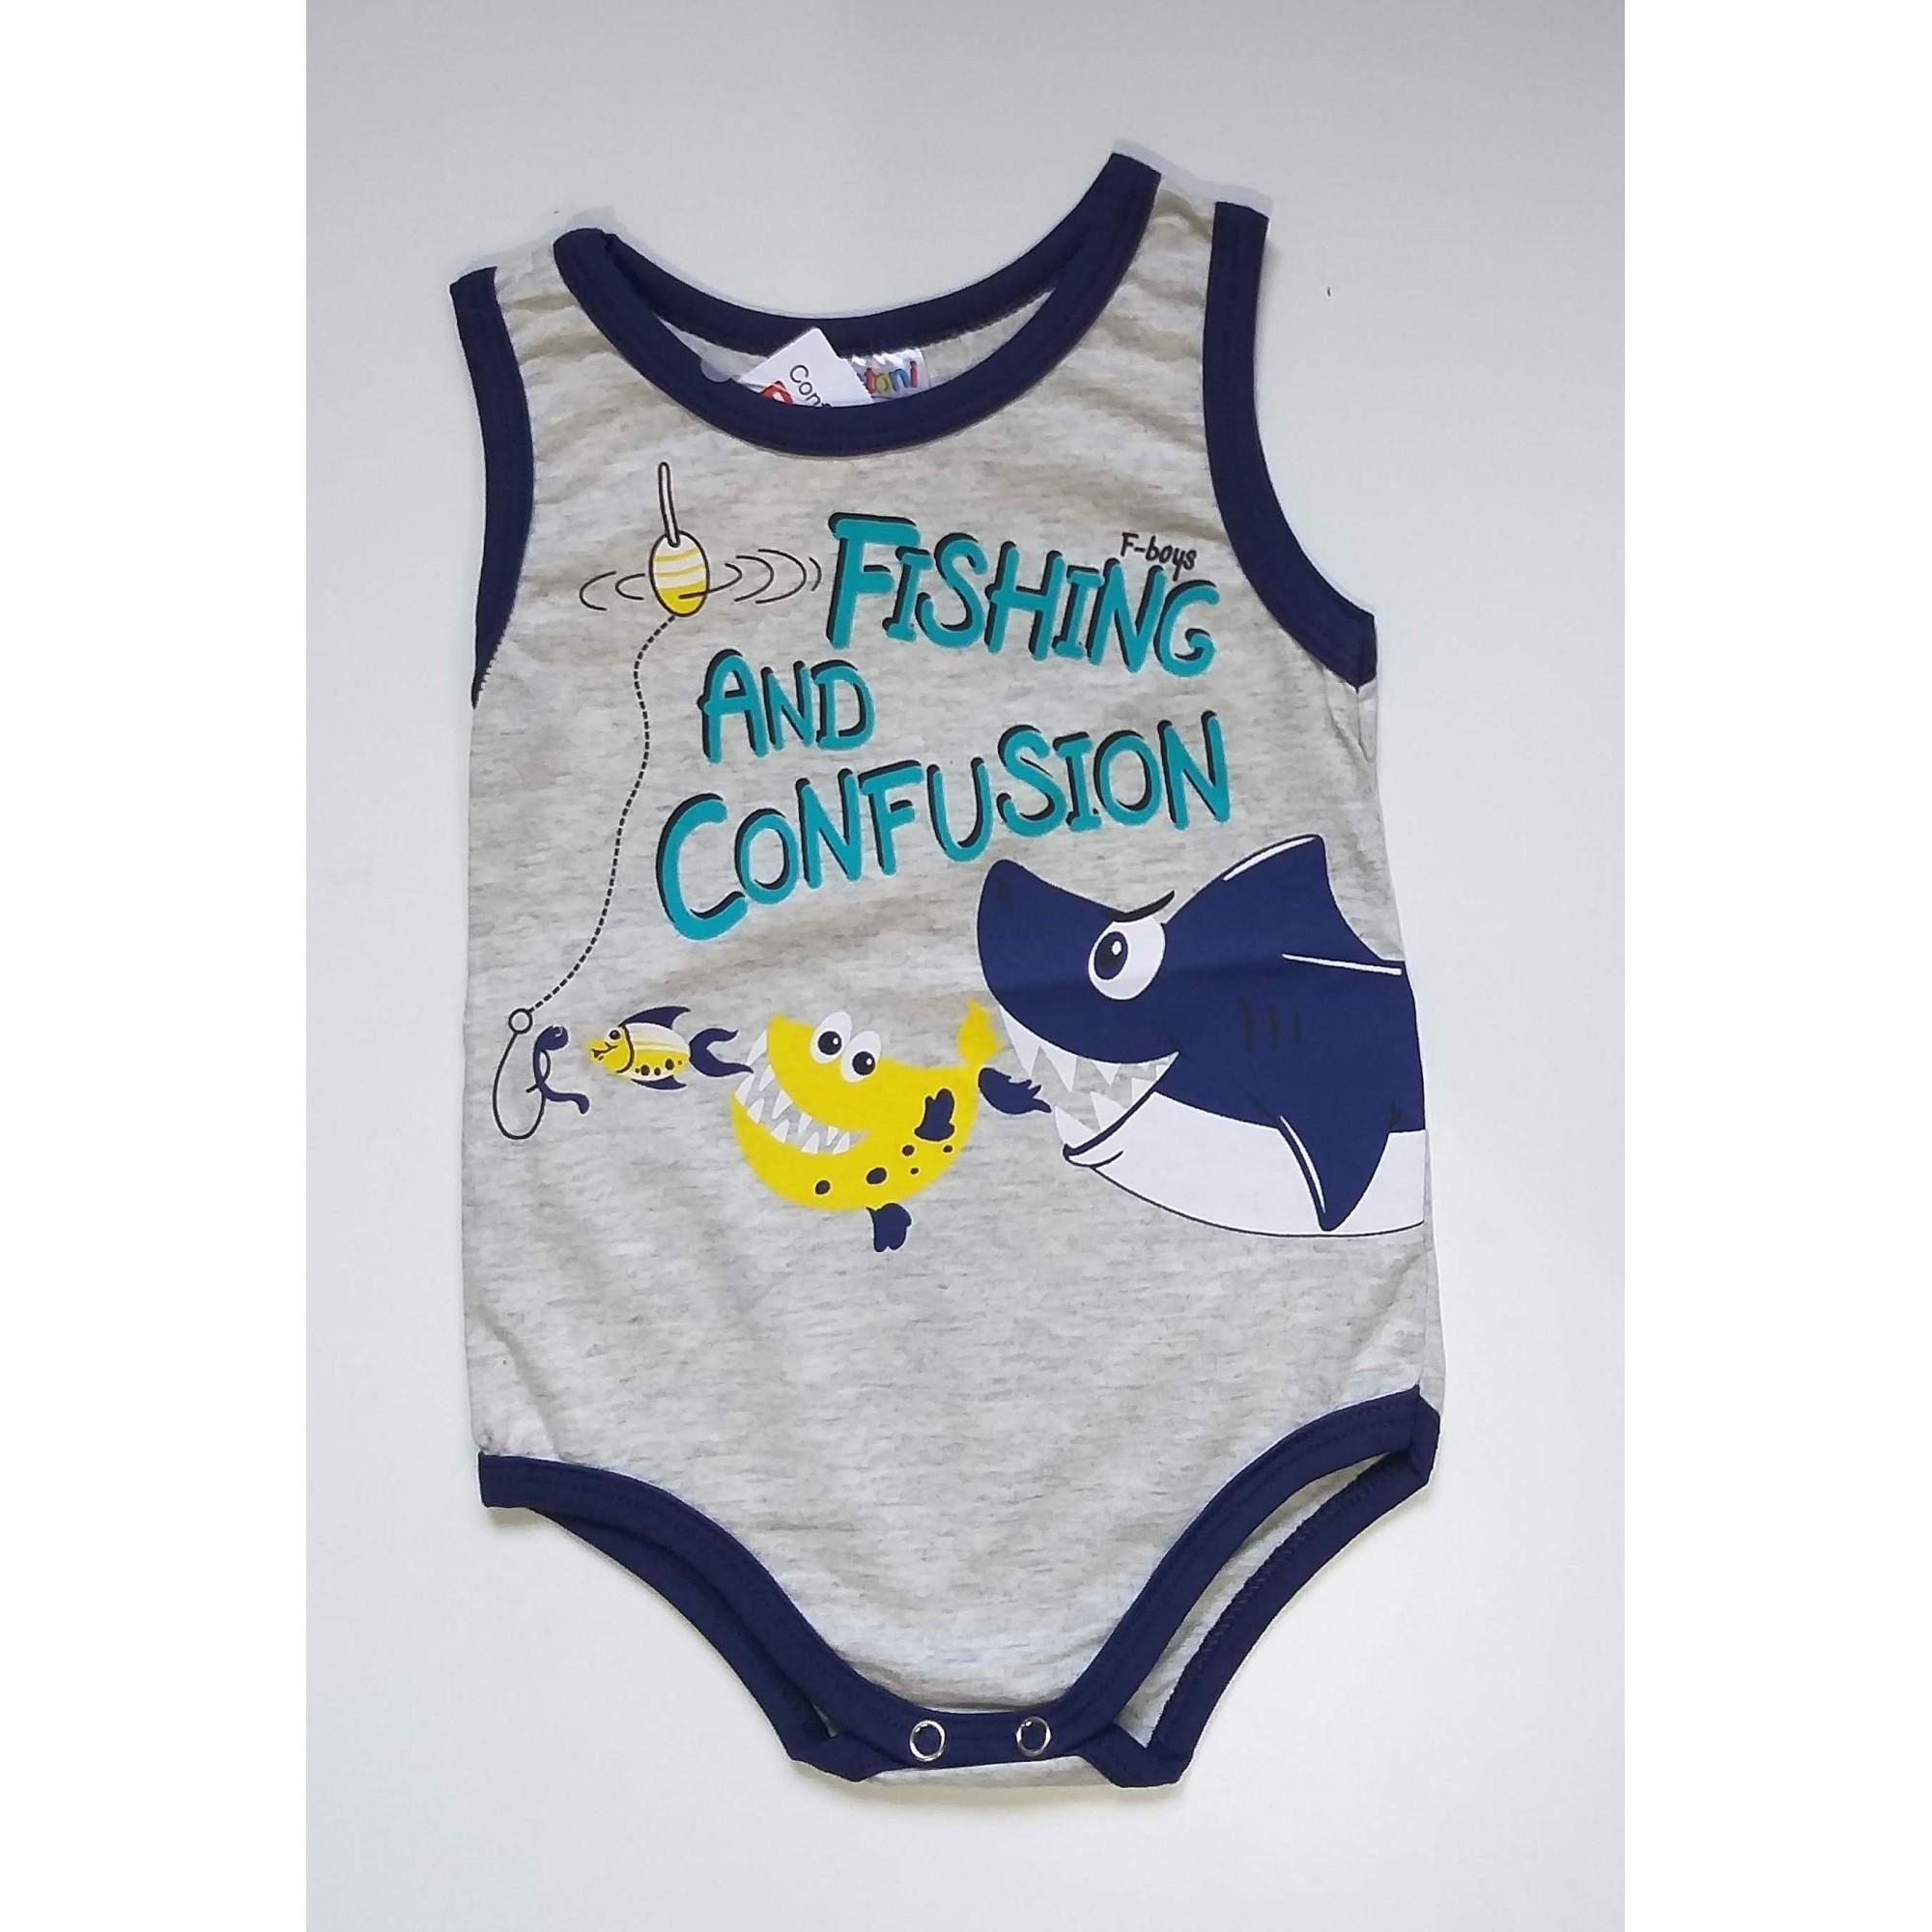 Body Regata Bebê Menino Verão Fishing - Fantoni